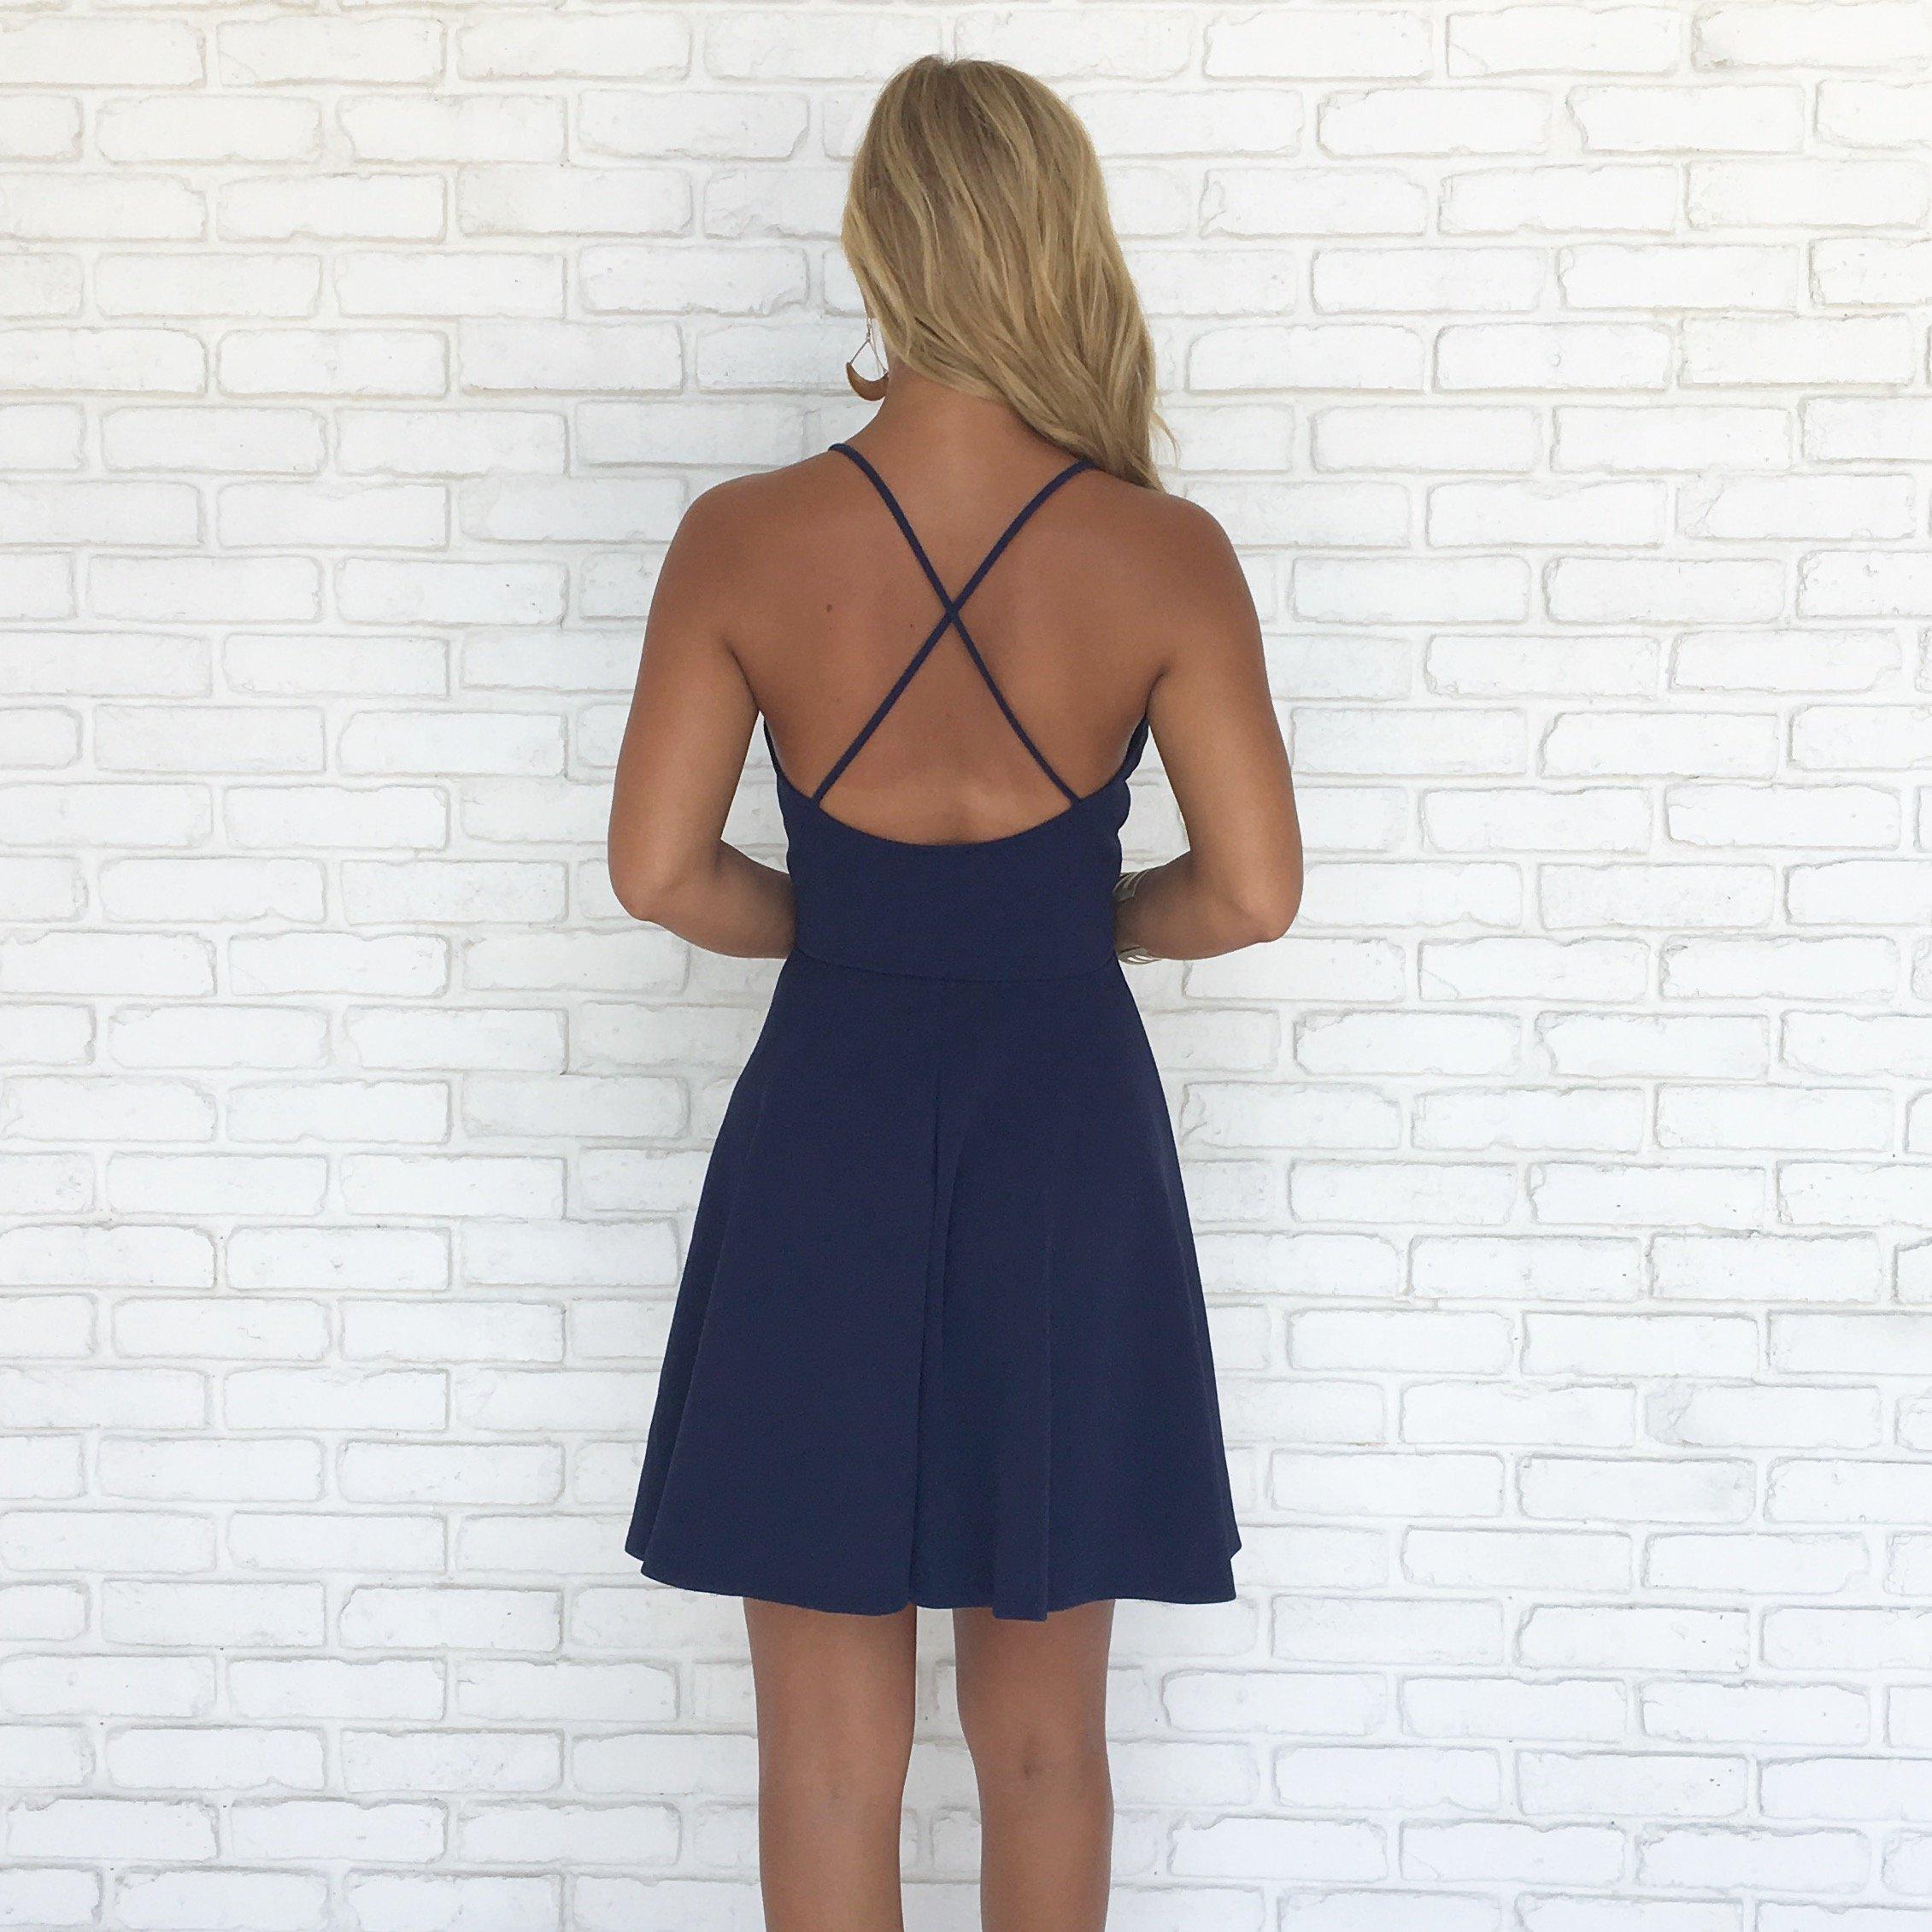 f114a4ba24e Straps Short V Neck Navy Blue Homecoming Dress · modsele · Online ...